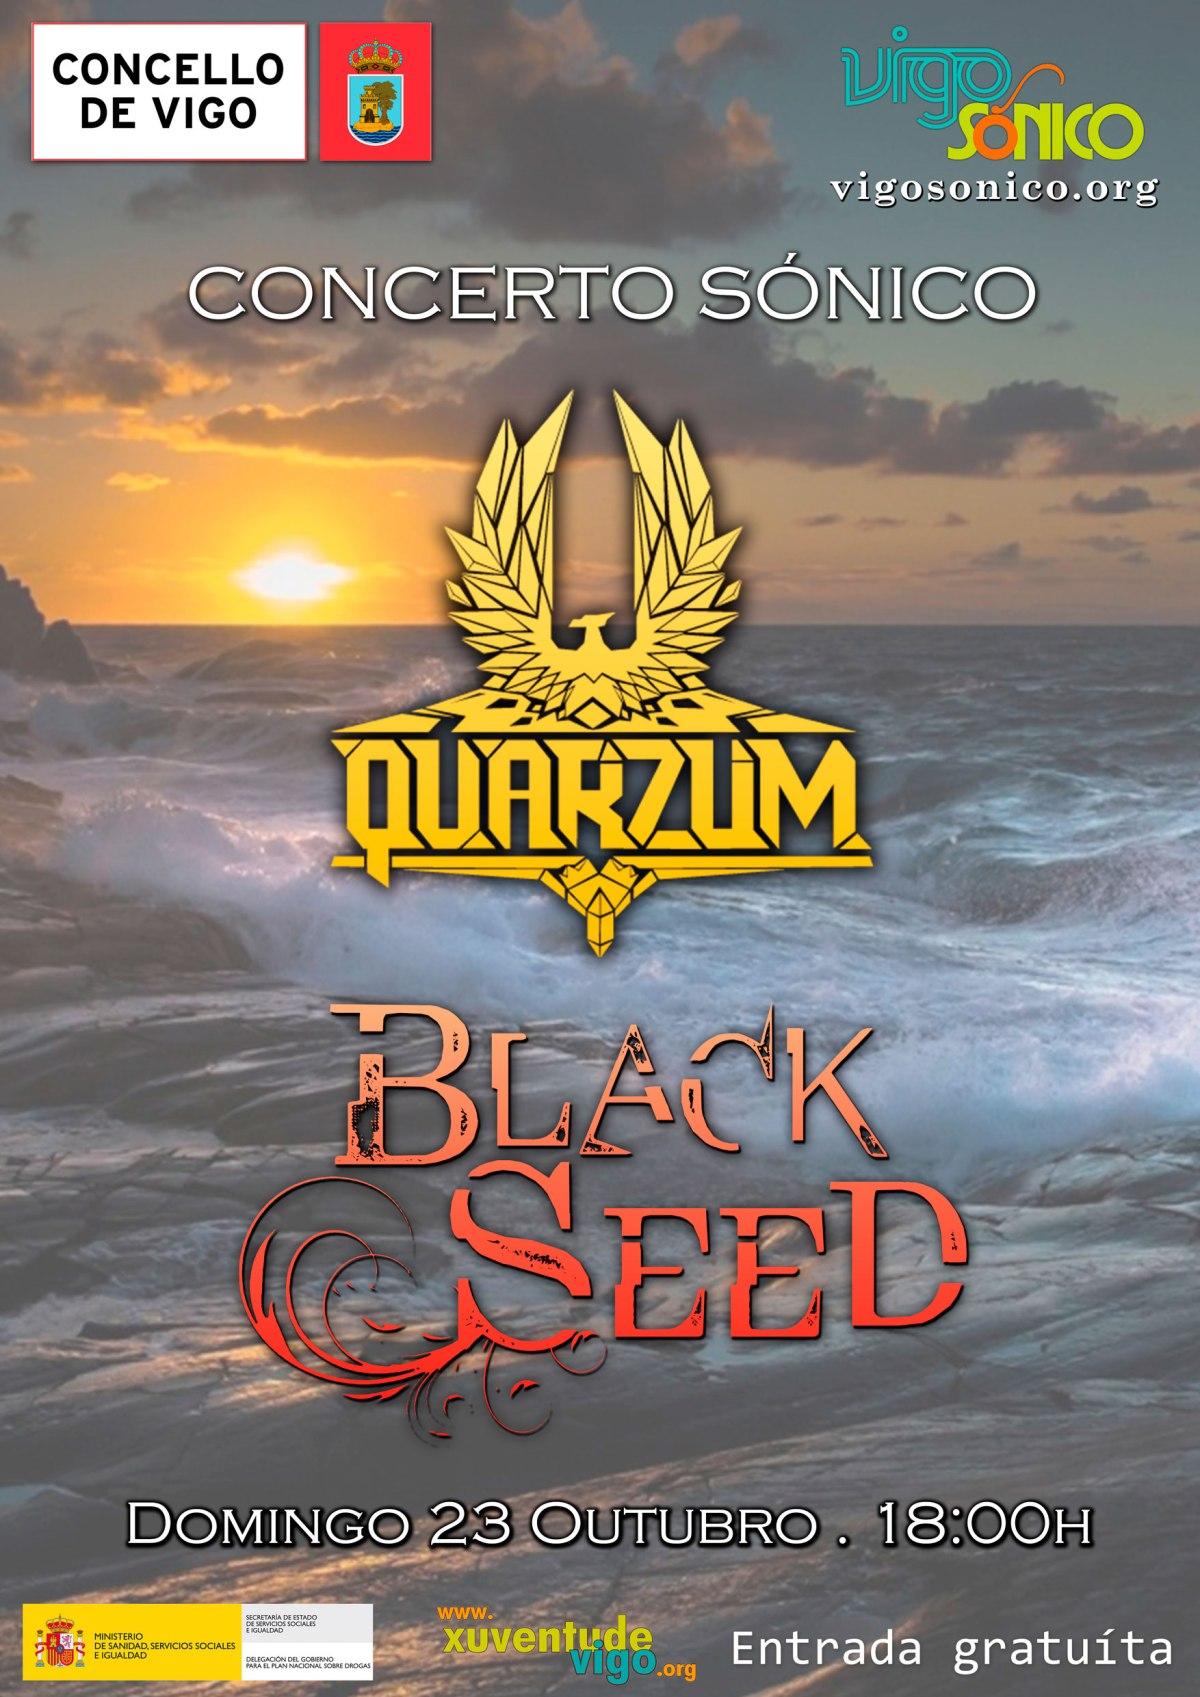 Concerto Sónico outubro2016